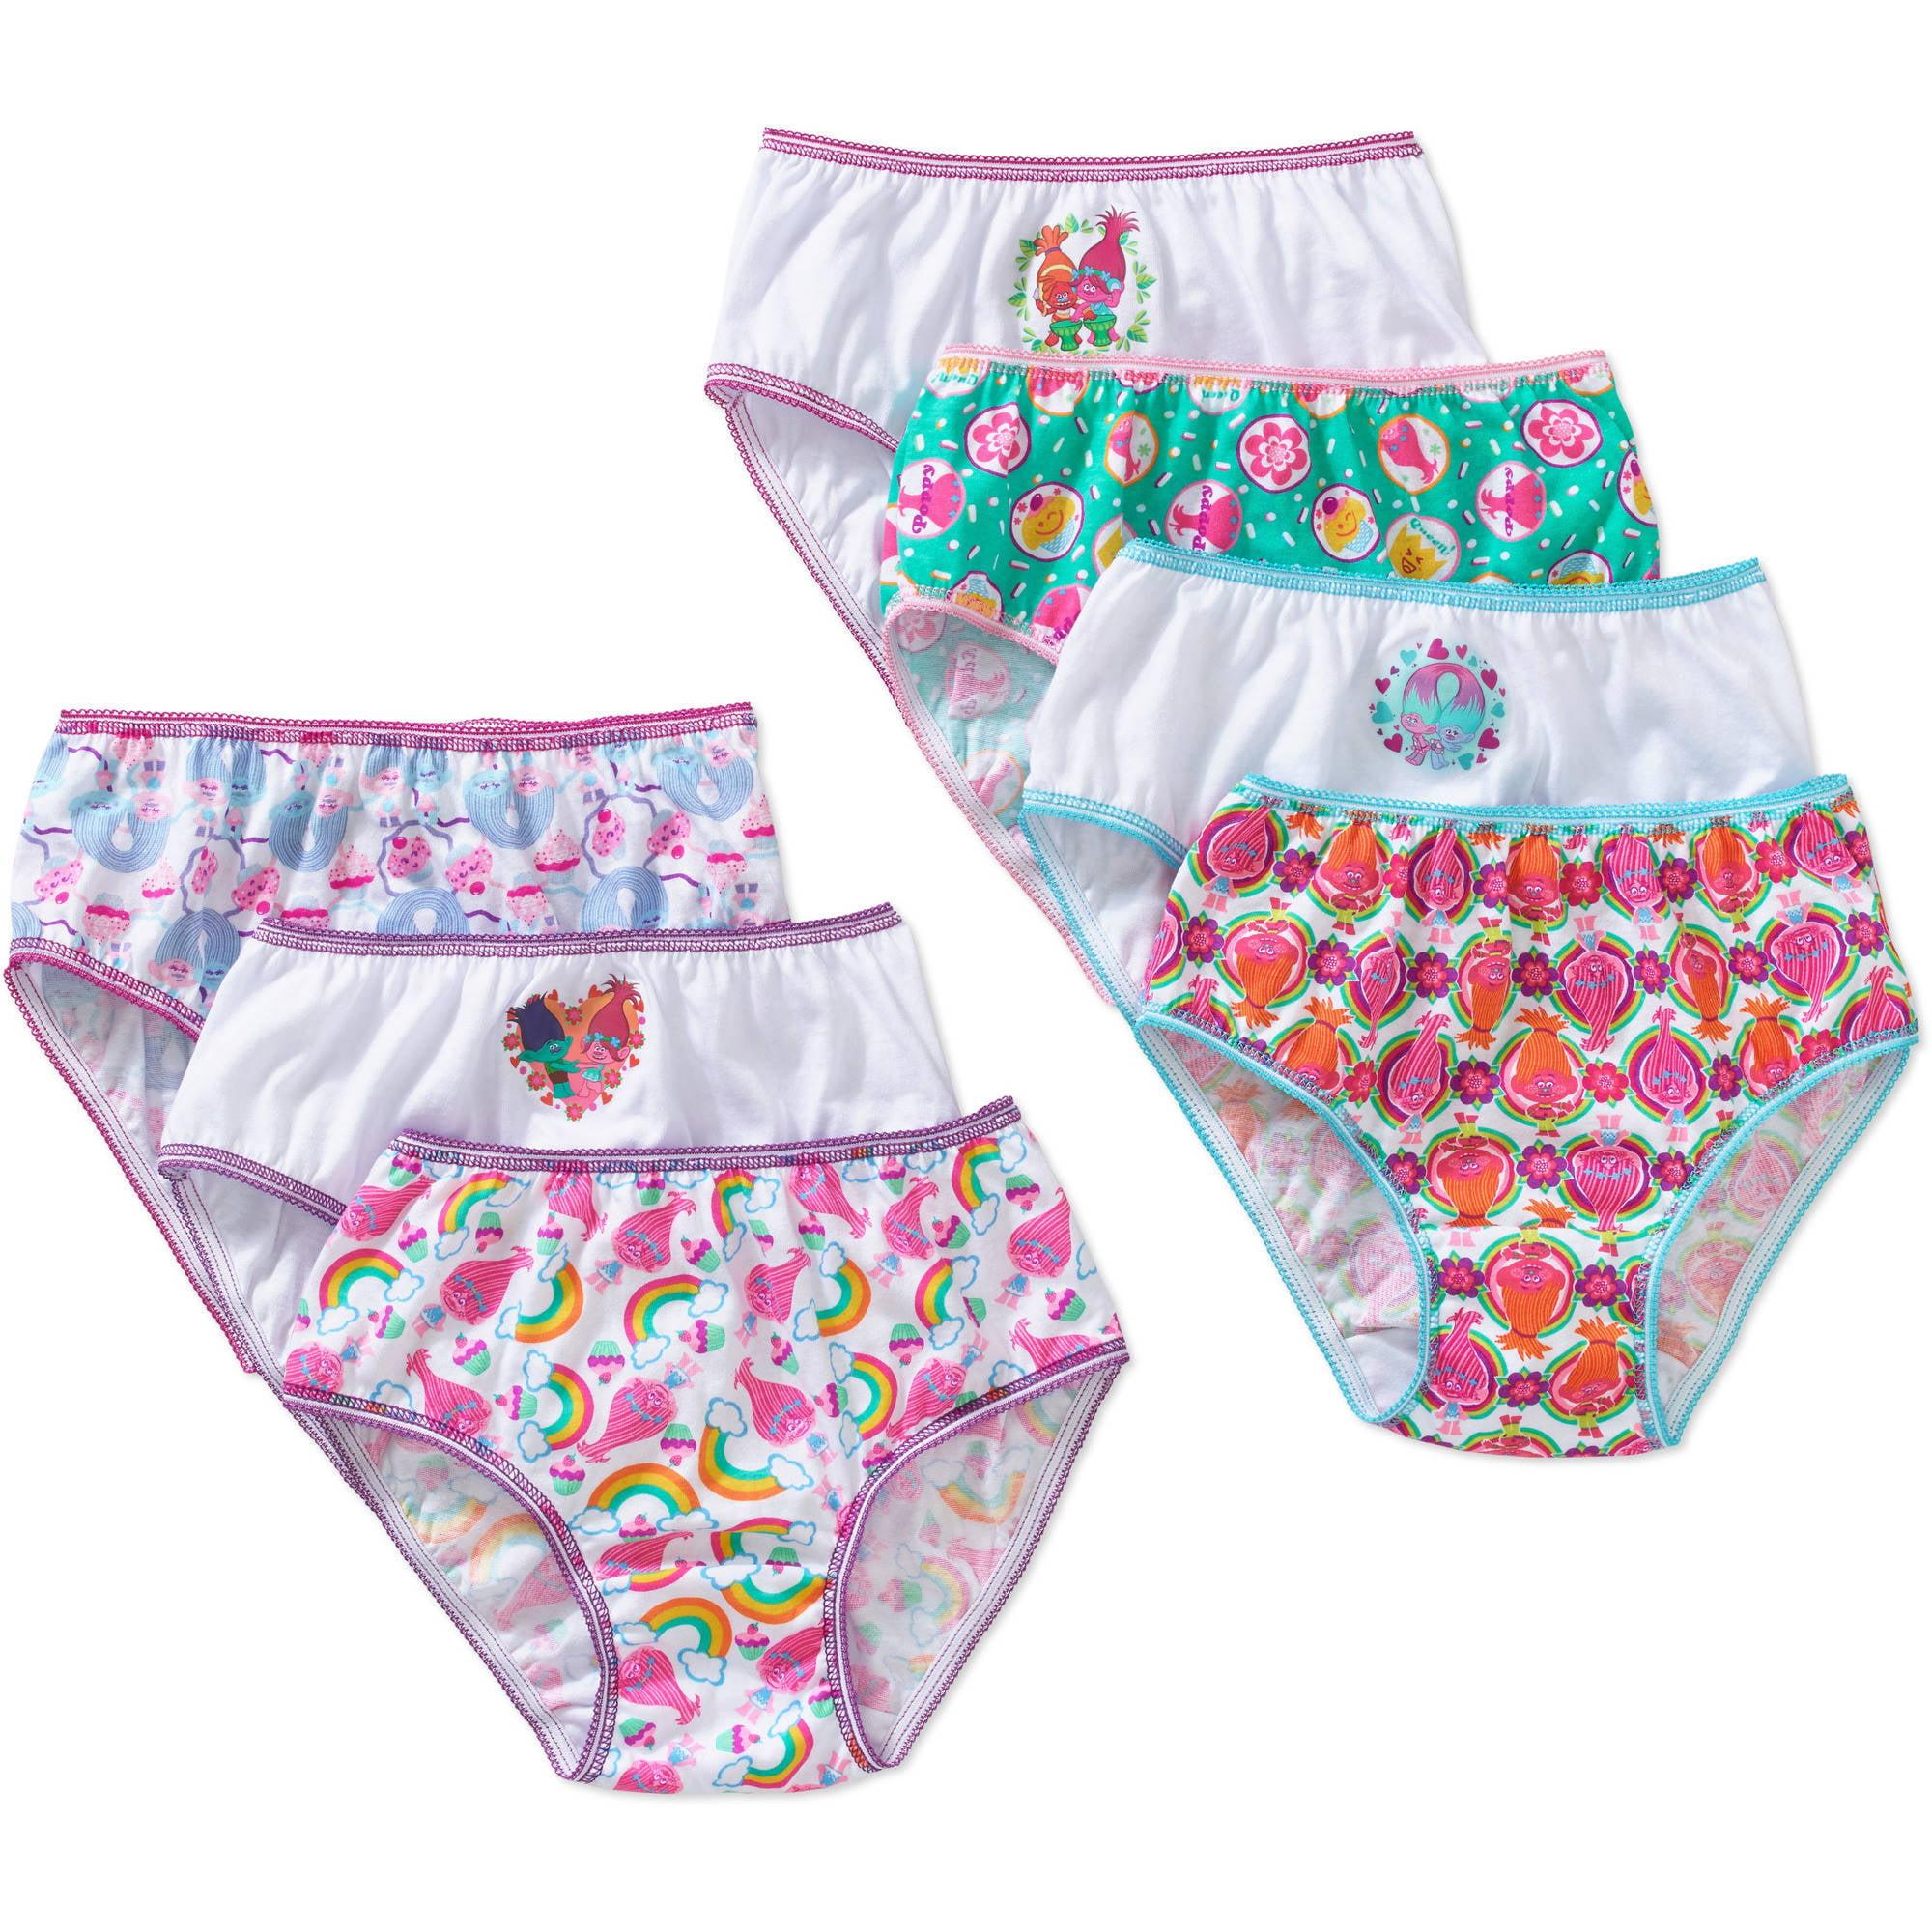 Generic Trolls Girls' Underwear 7 Pack